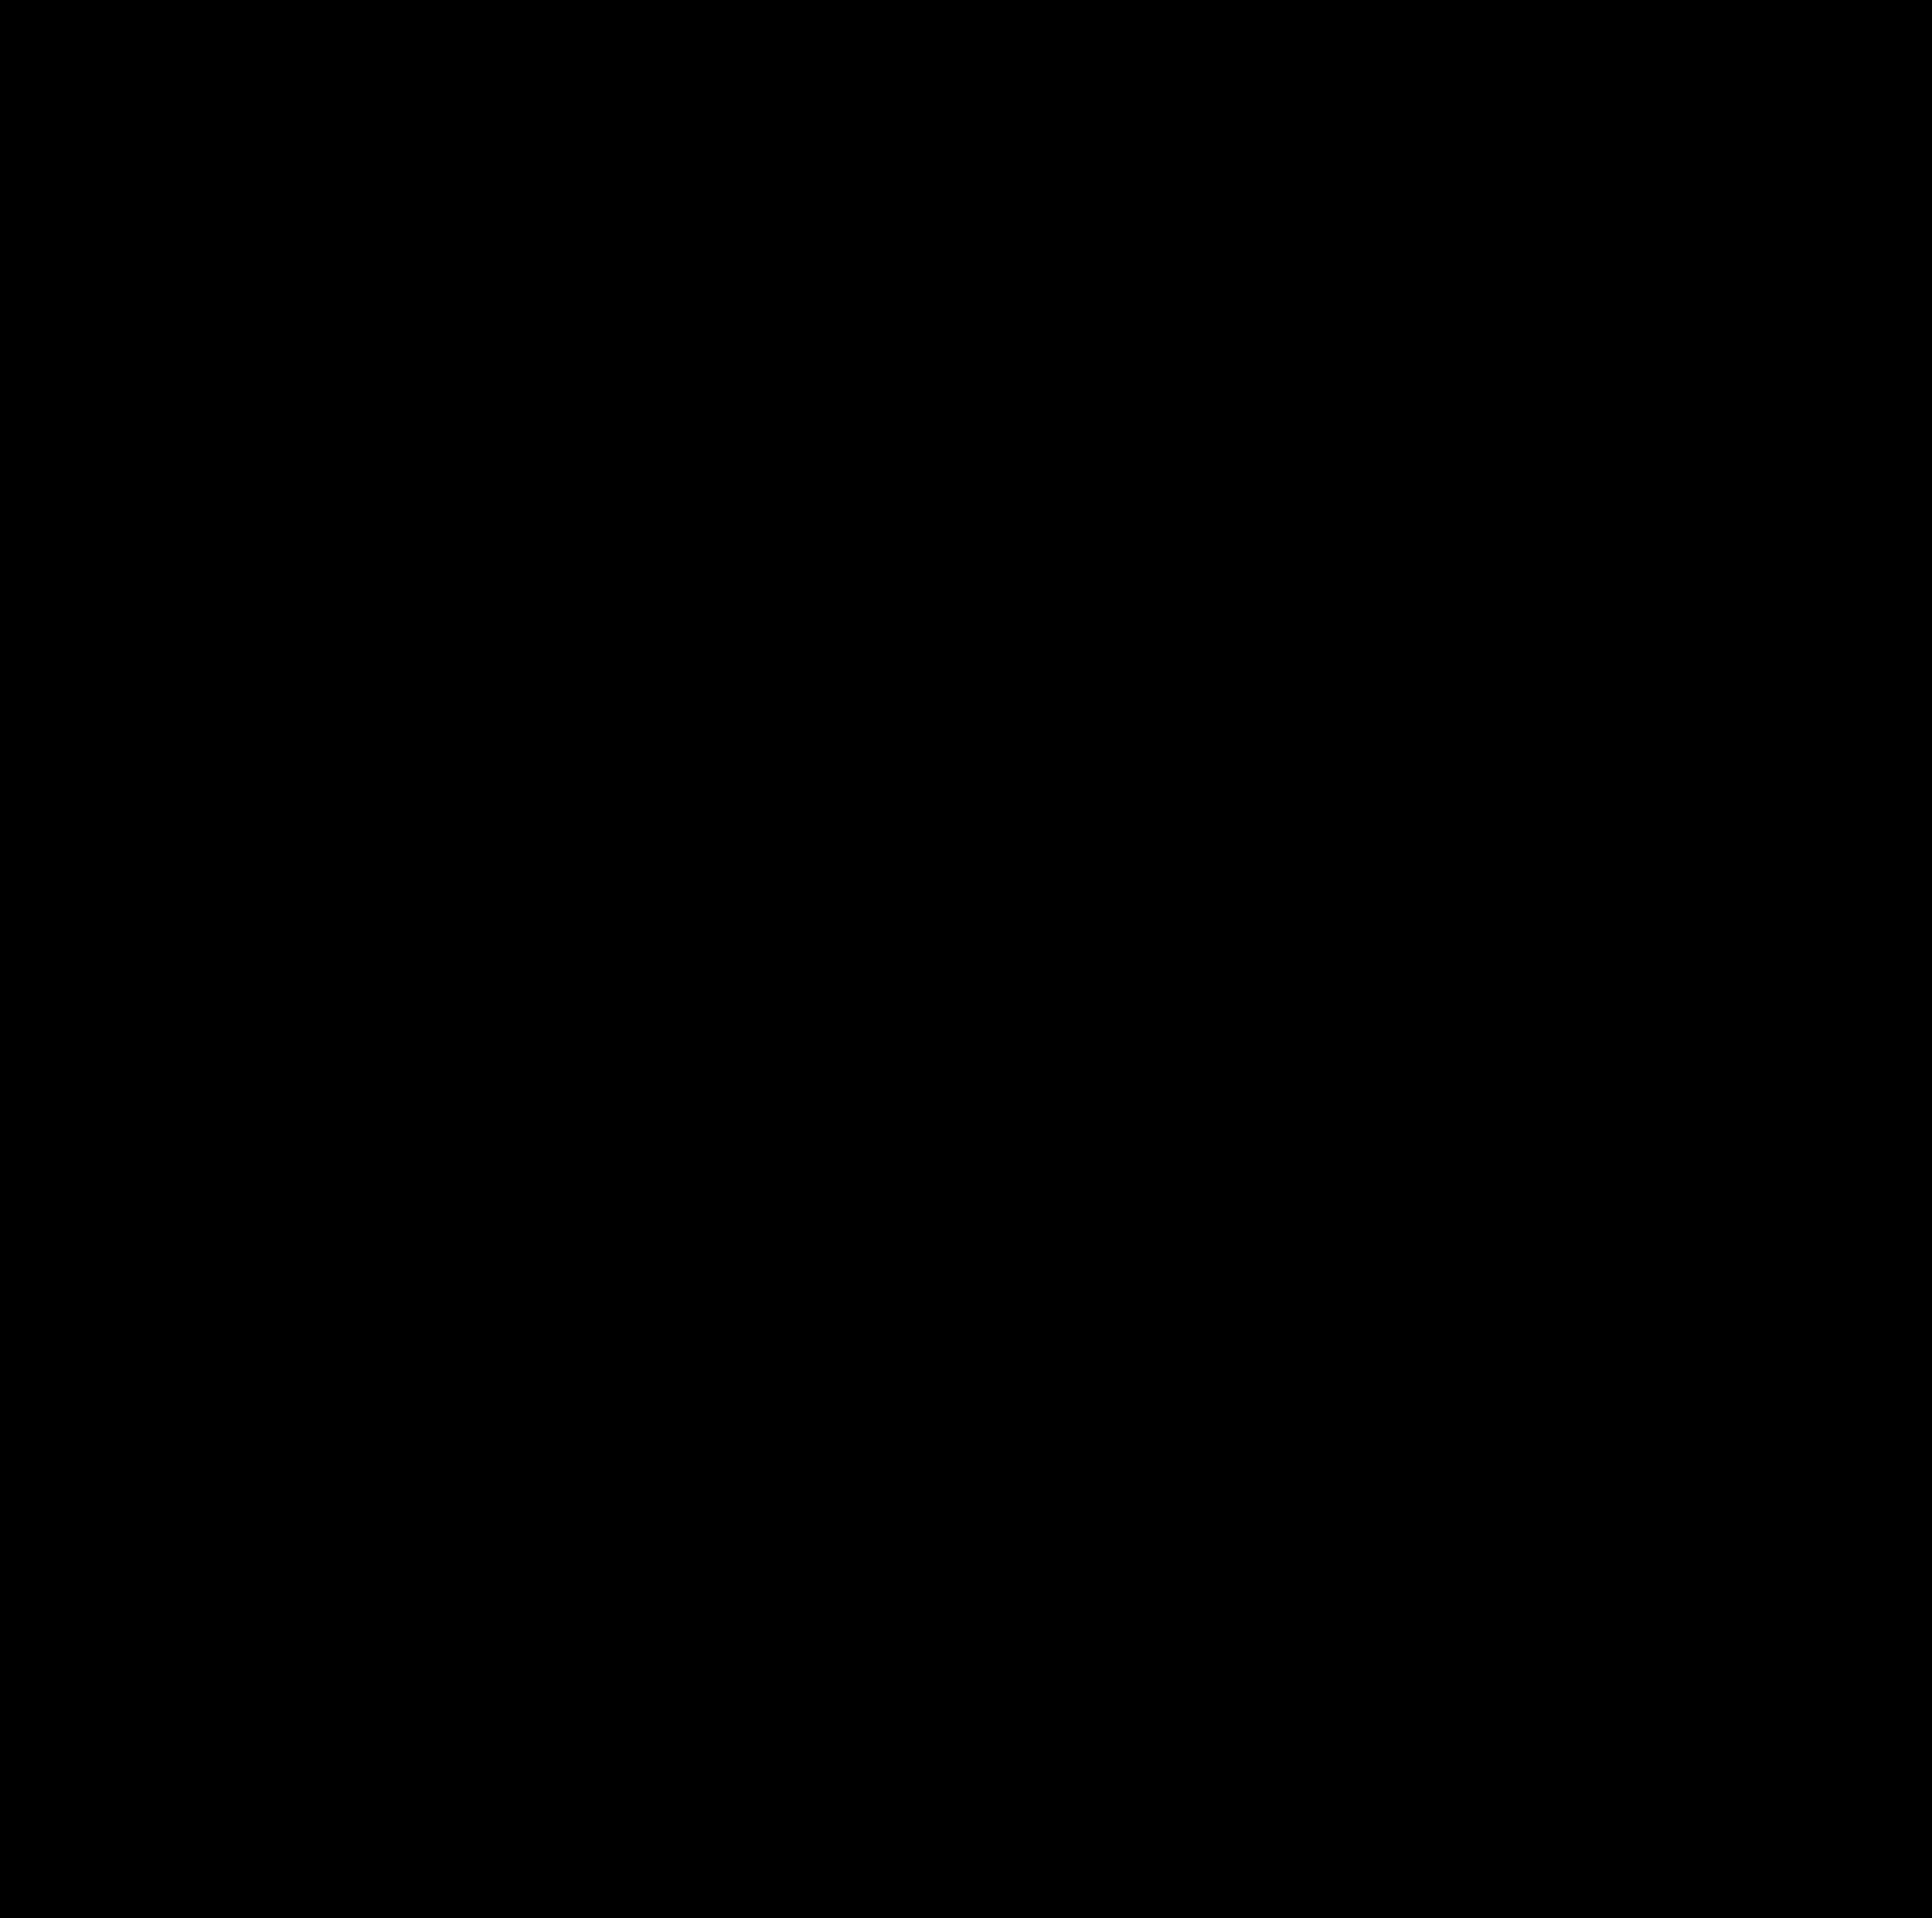 Clock Roman Numerals Png Clipart Best